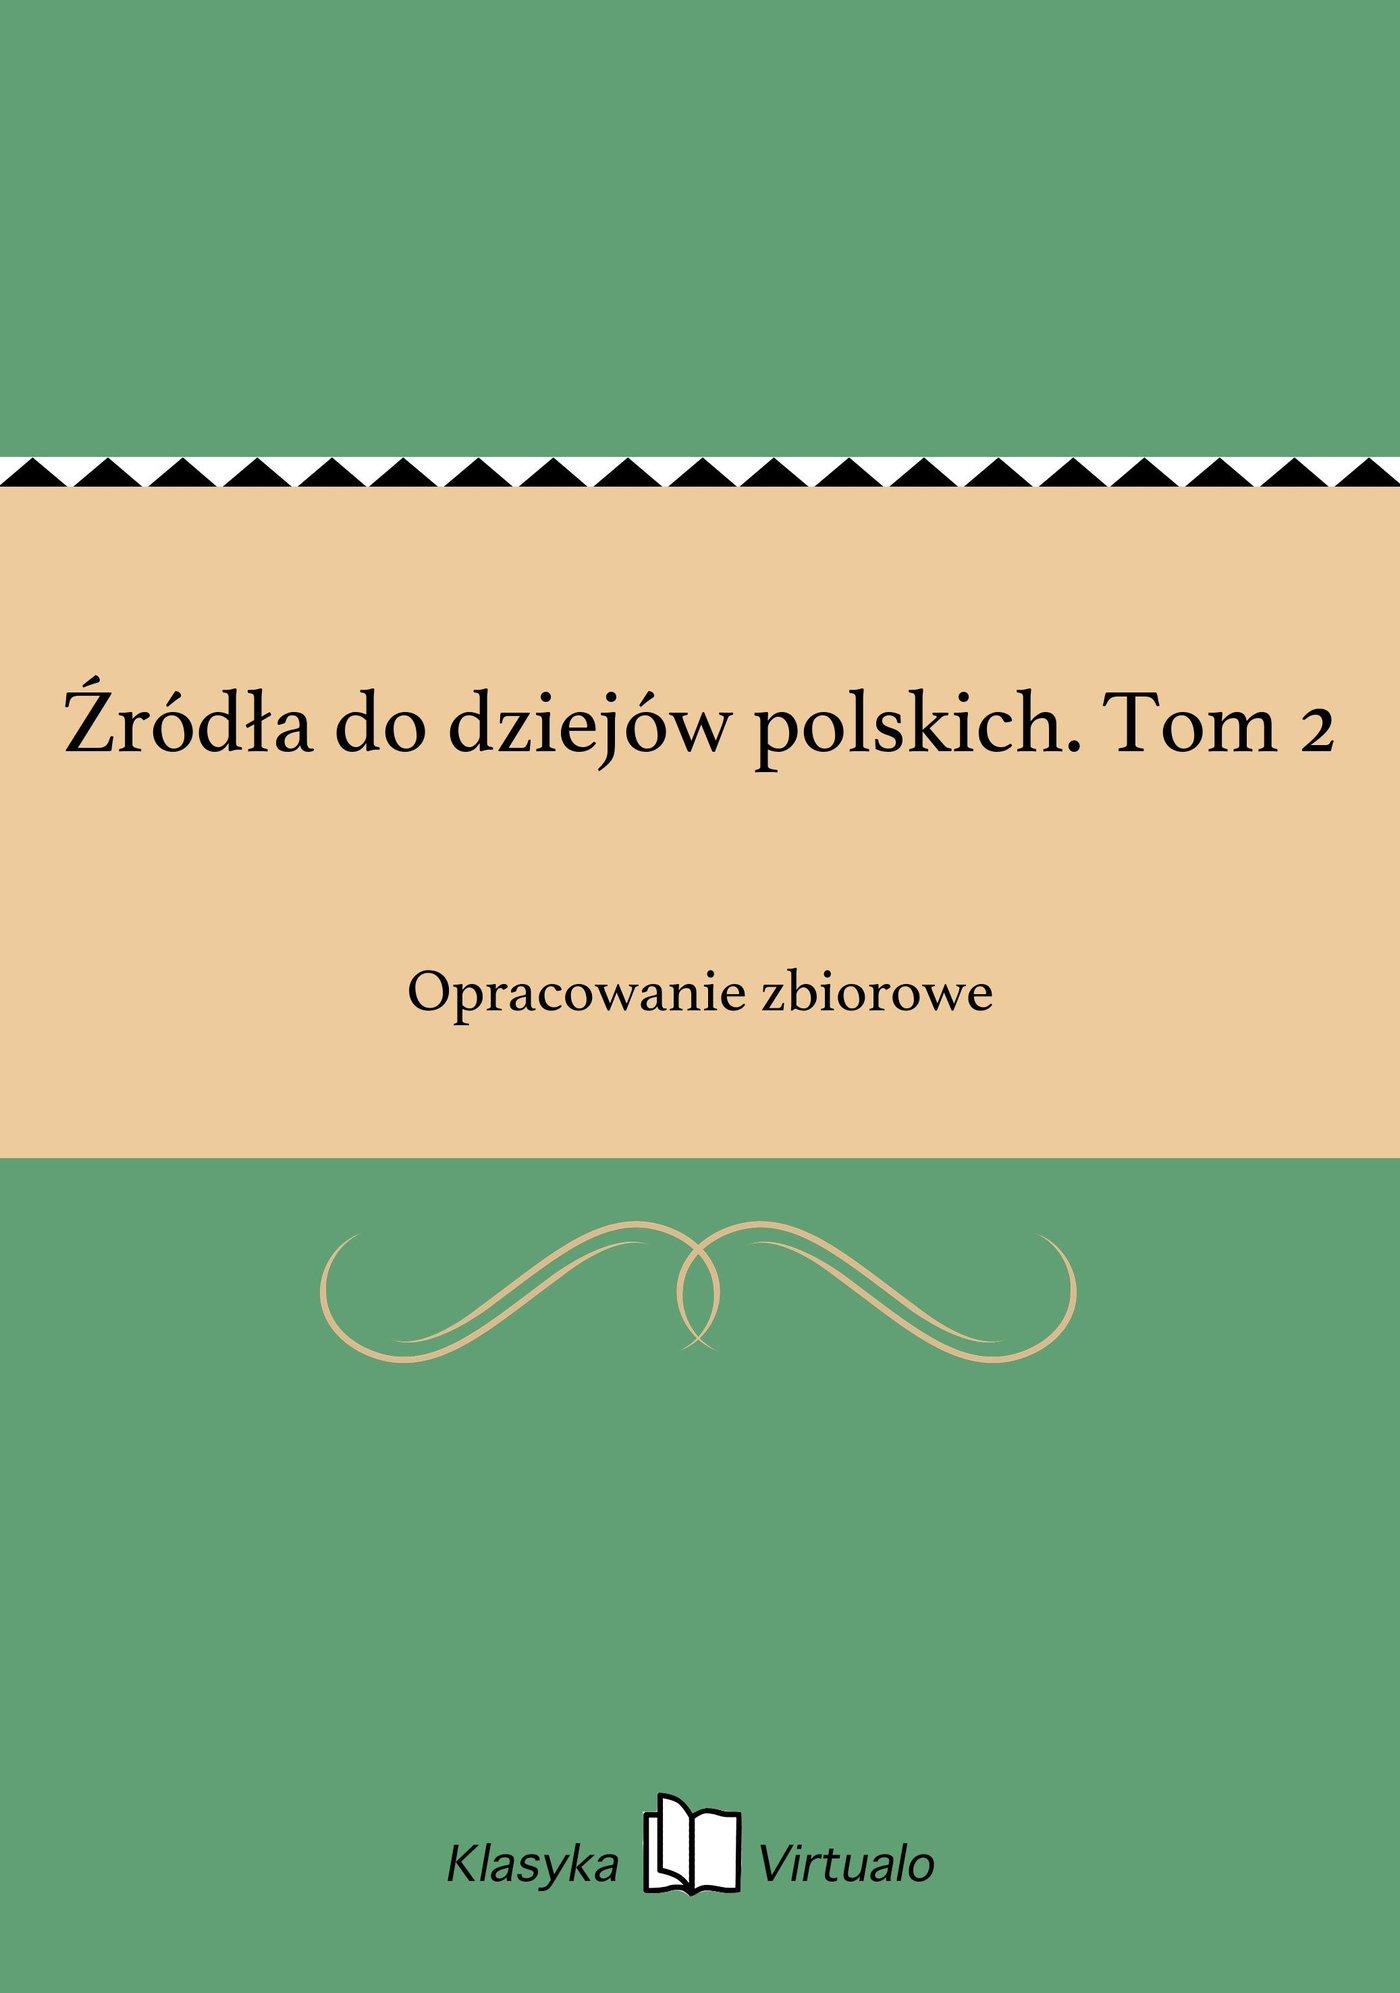 Źródła do dziejów polskich. Tom 2 - Ebook (Książka EPUB) do pobrania w formacie EPUB